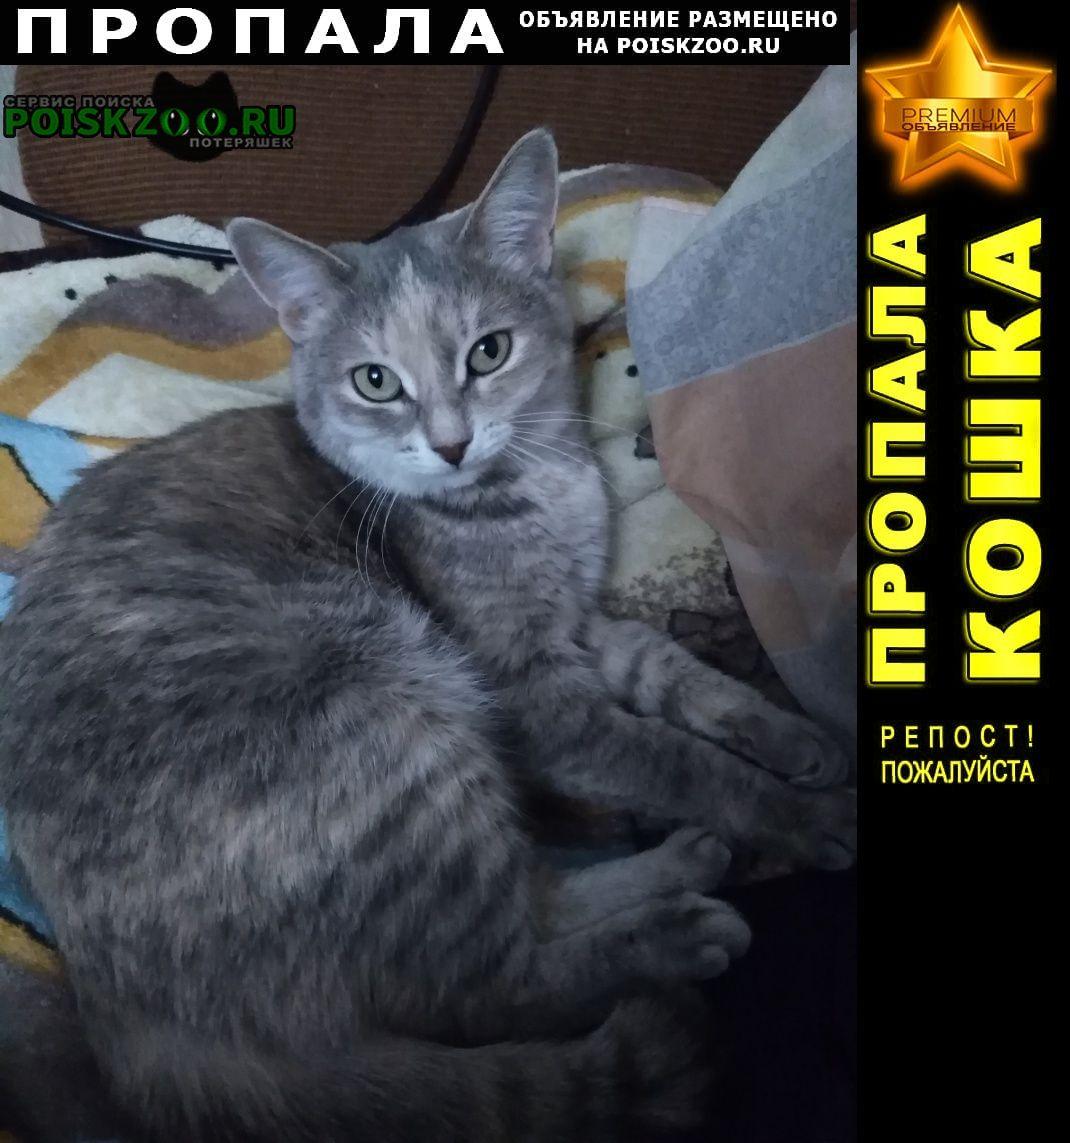 Пропала кошка Сызрань